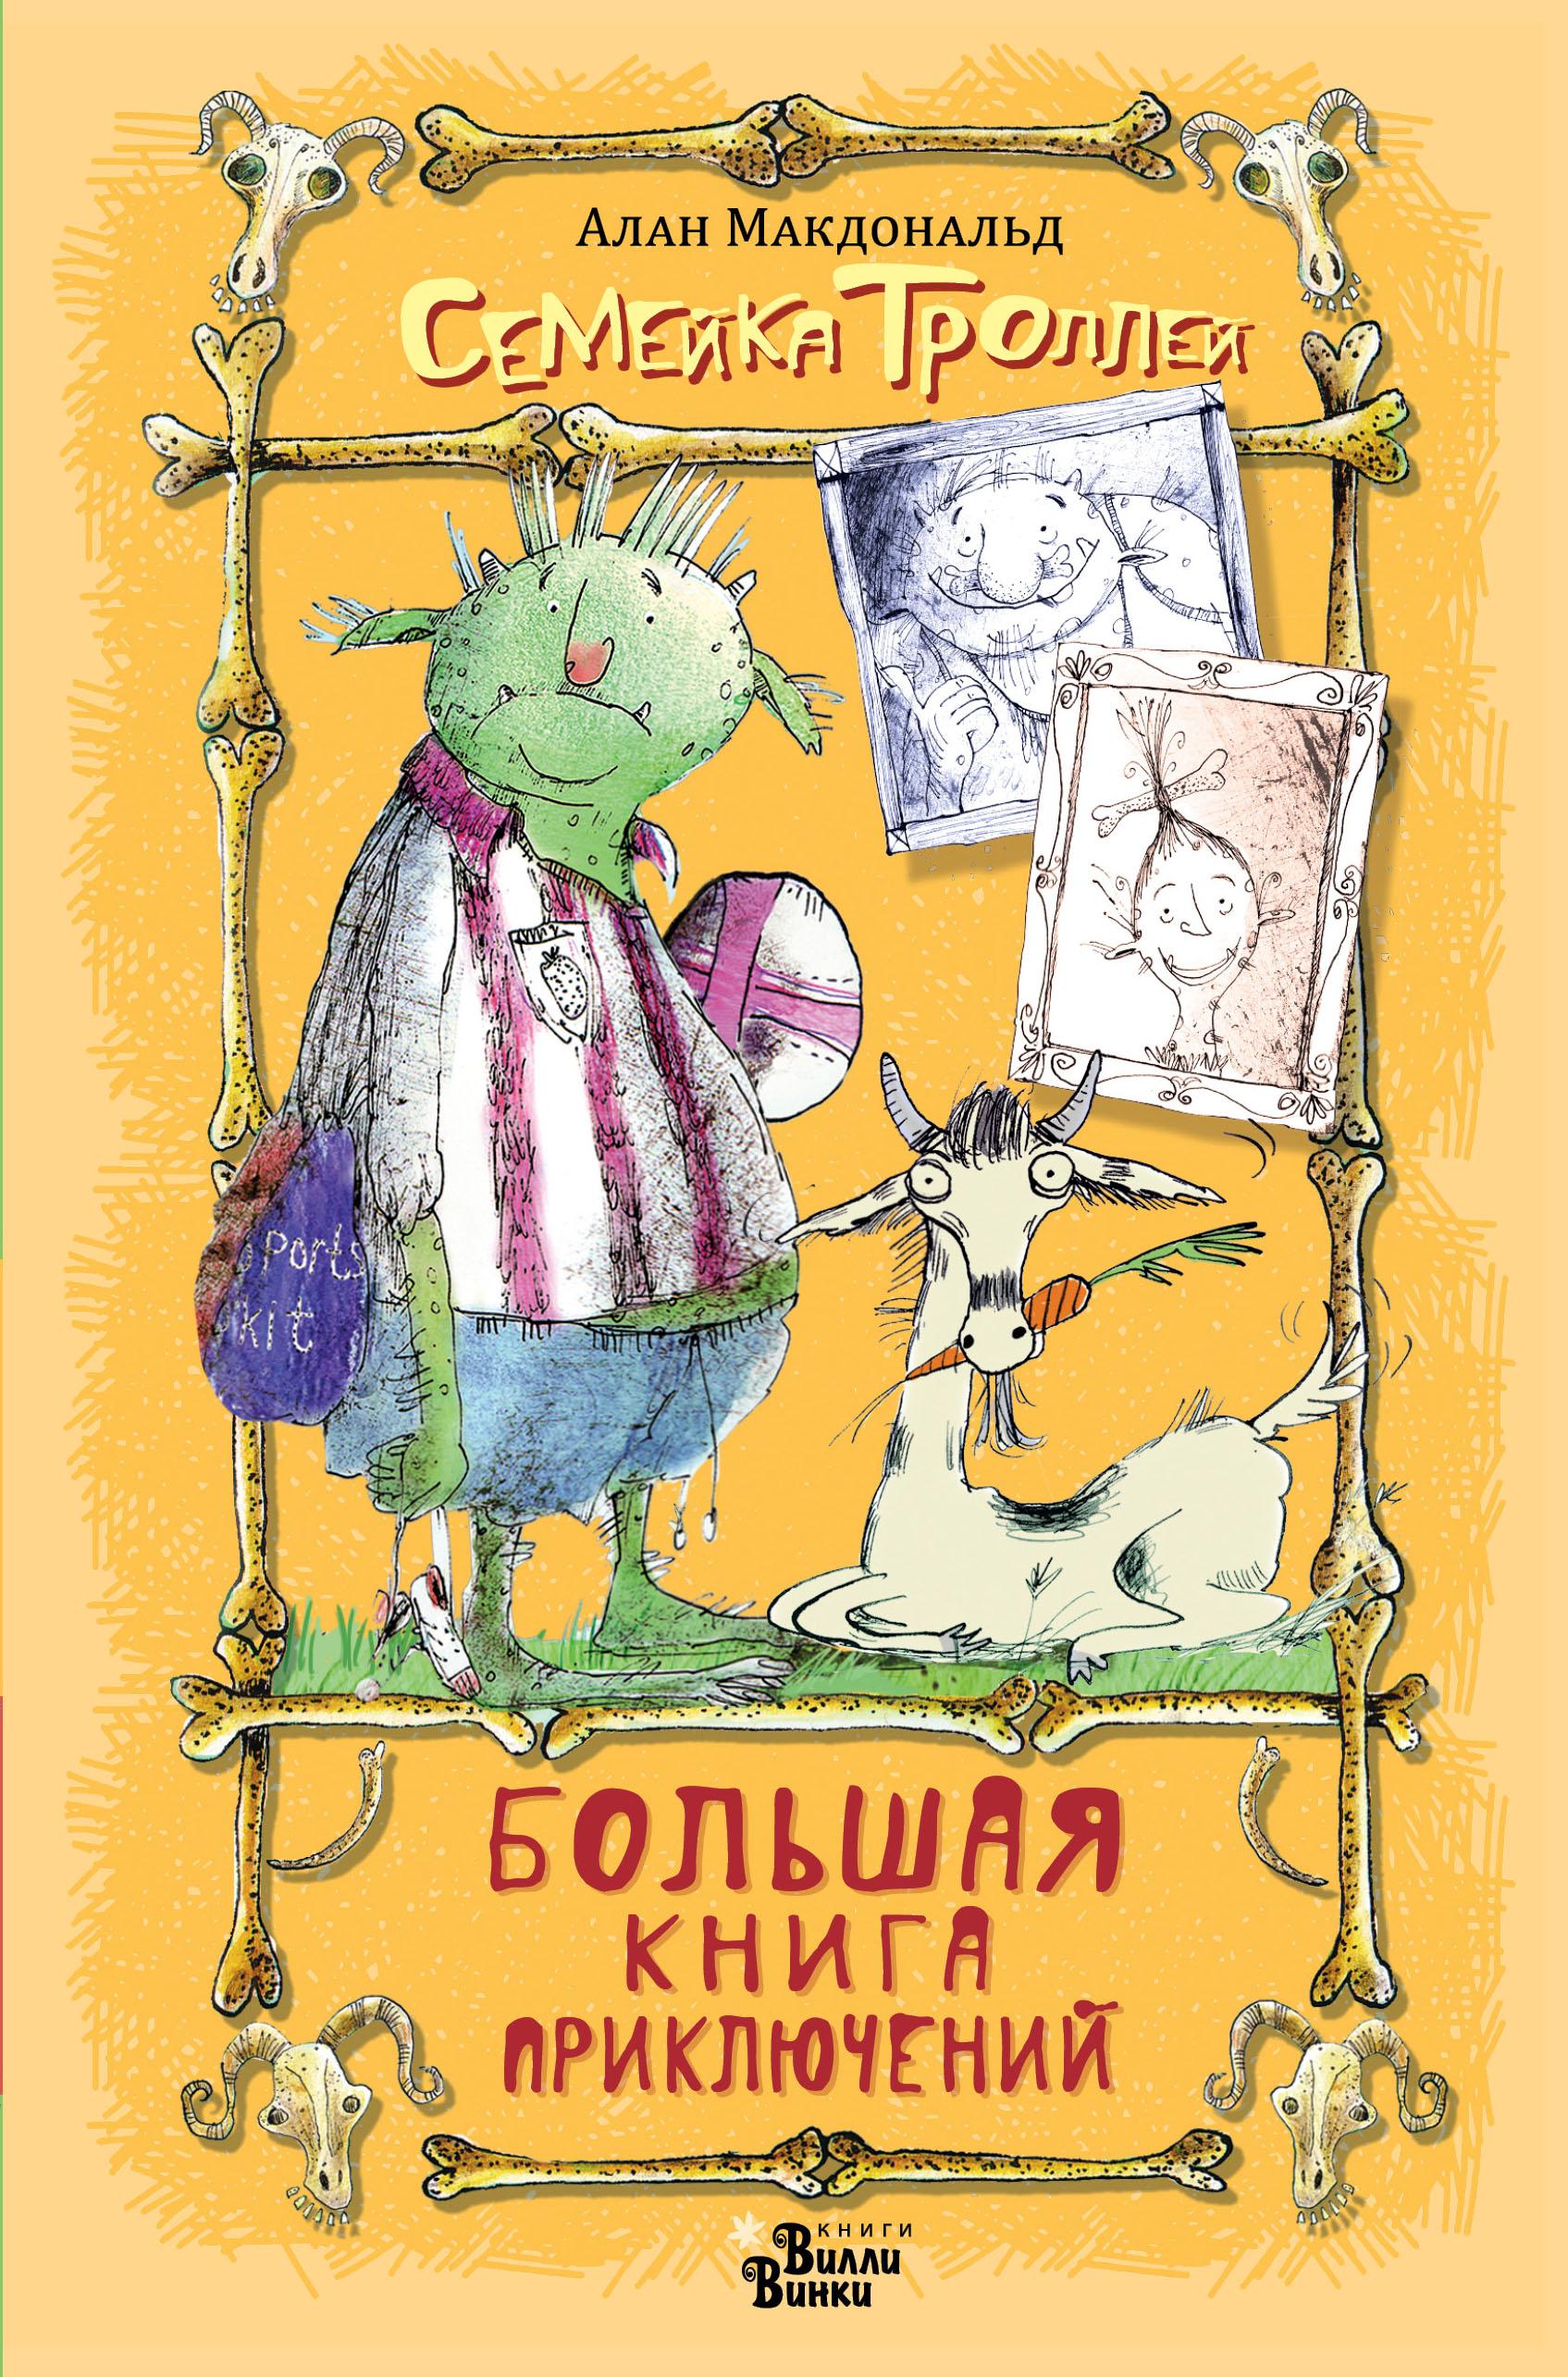 Алан Макдональд Большая книга приключений семейки троллей алан макдональд команда троллей